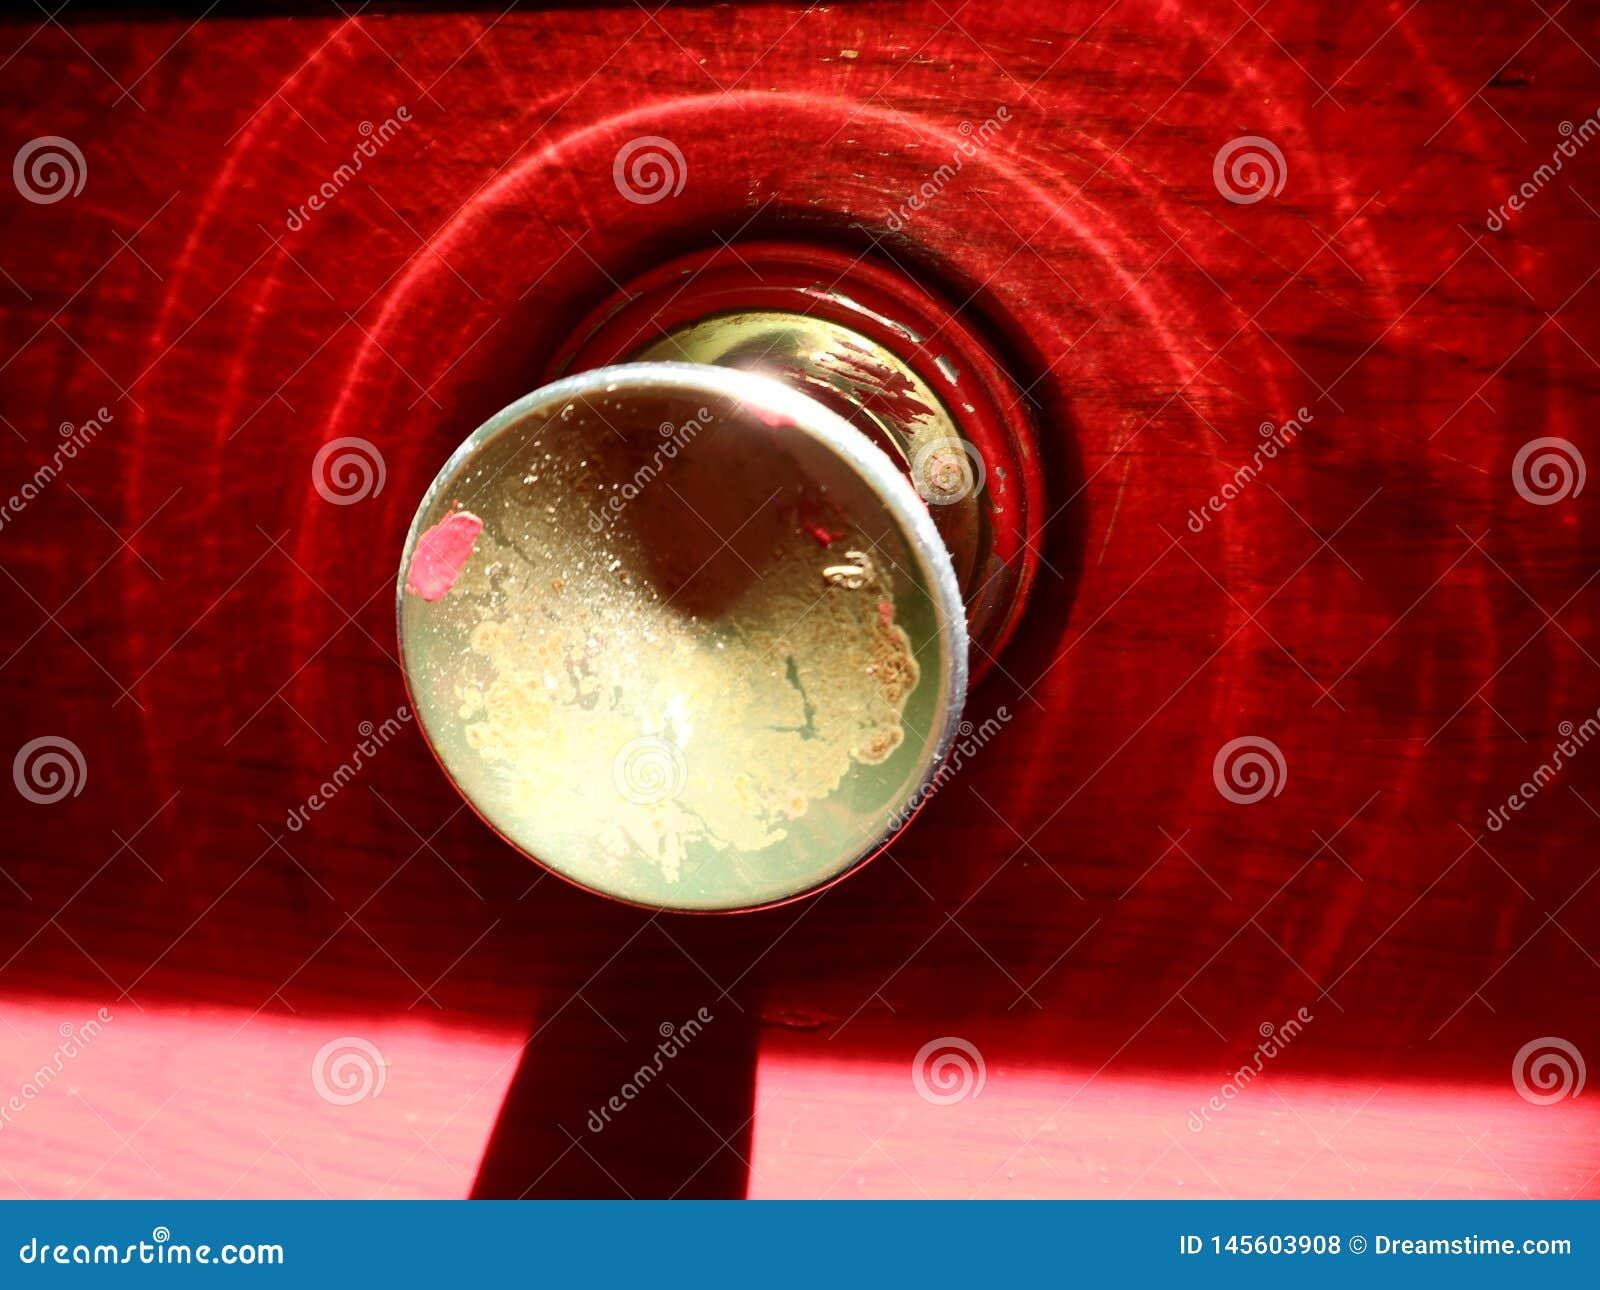 Μια λαμπυρίζοντας κόκκινη πόρτα με ένα τραγανό χρυσό εξόγκωμα